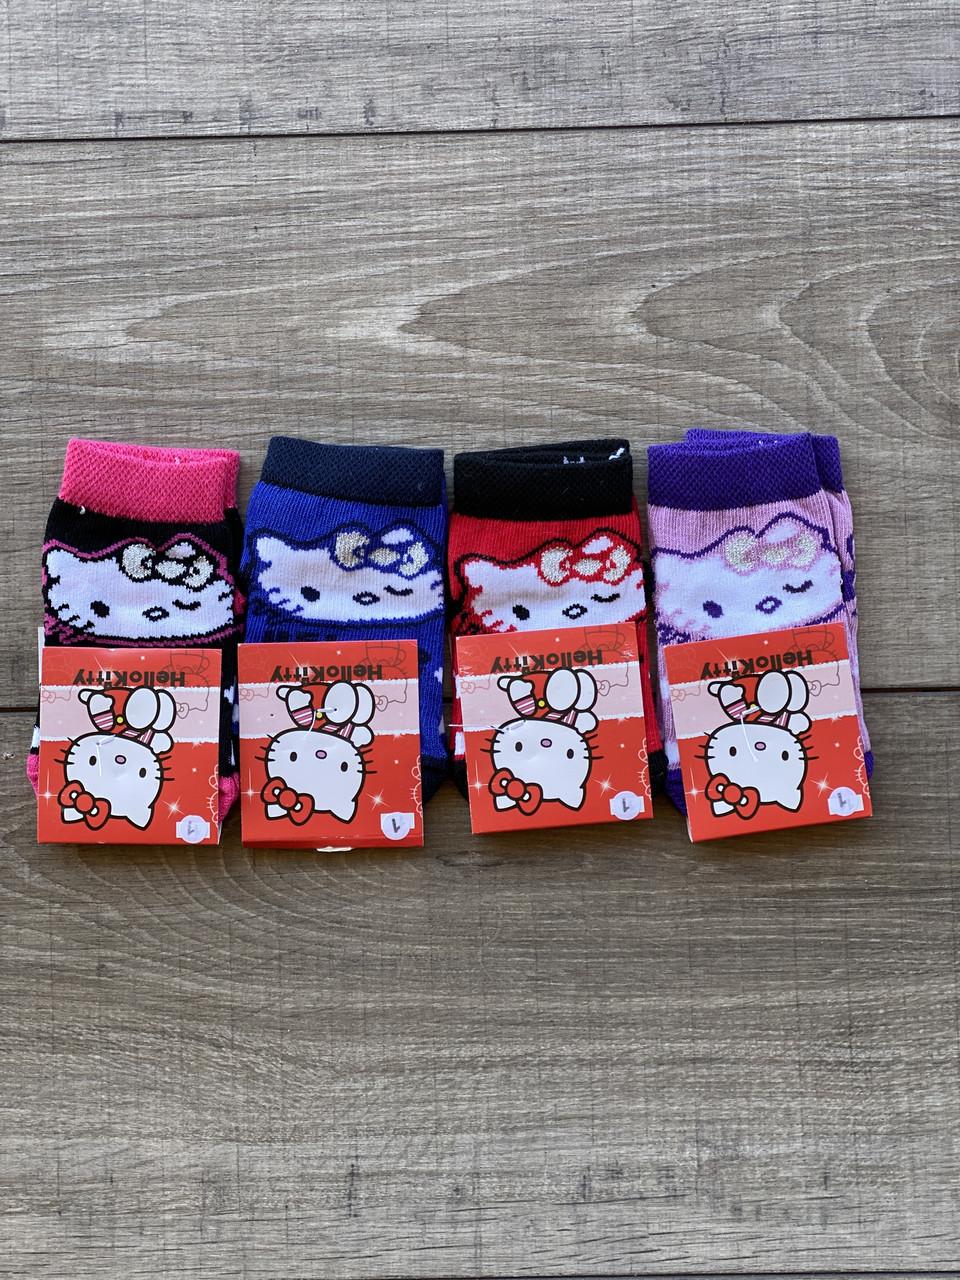 Дитячі шкарпетки  H&M підліткові бамбук для дівчаток Hello Kitty 1,11 років 12 шт в уп мікс 4х кольорів